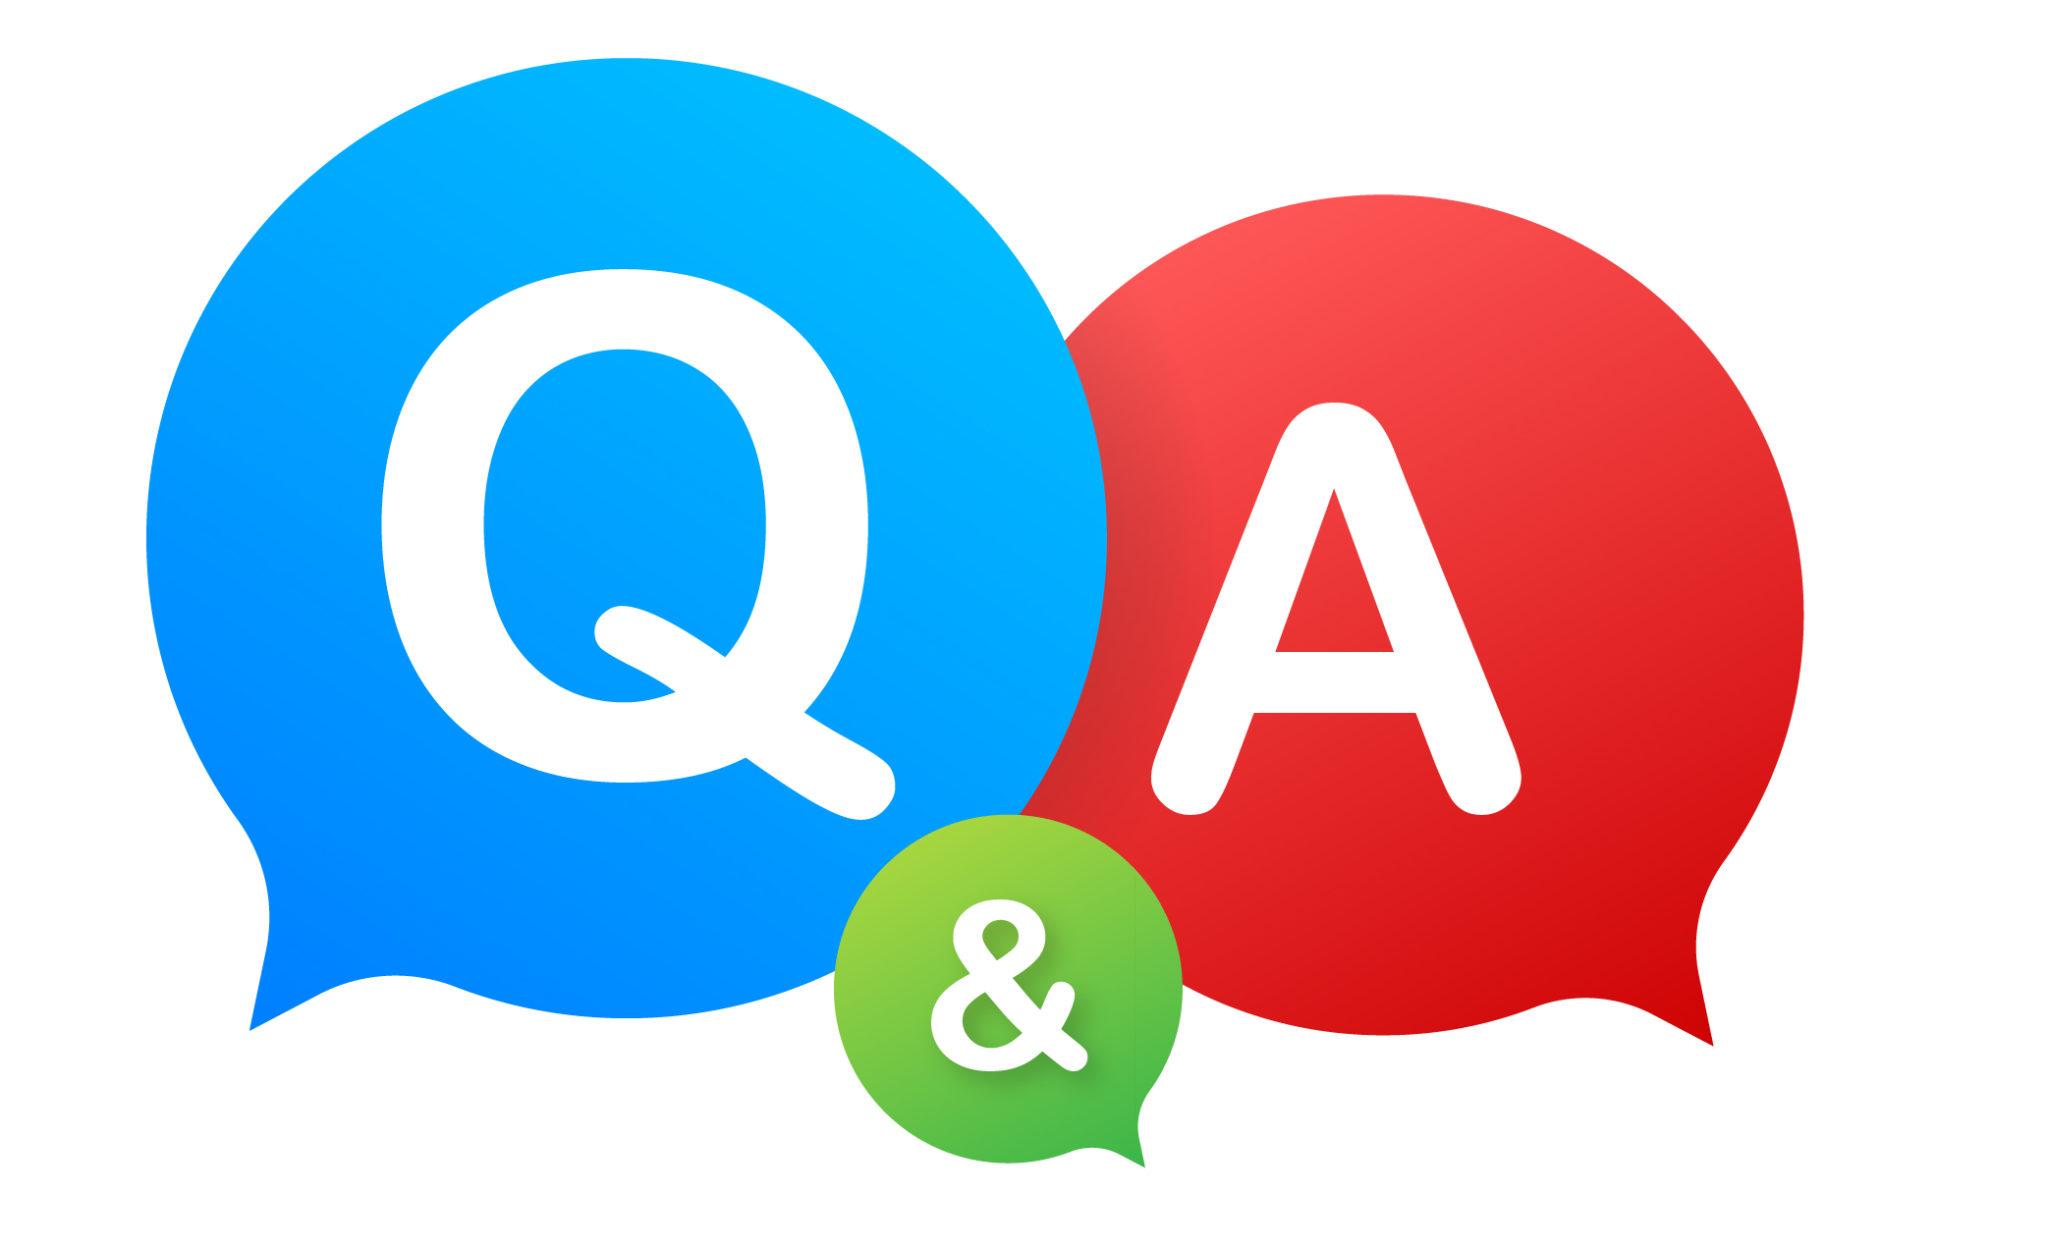 Q & A Image